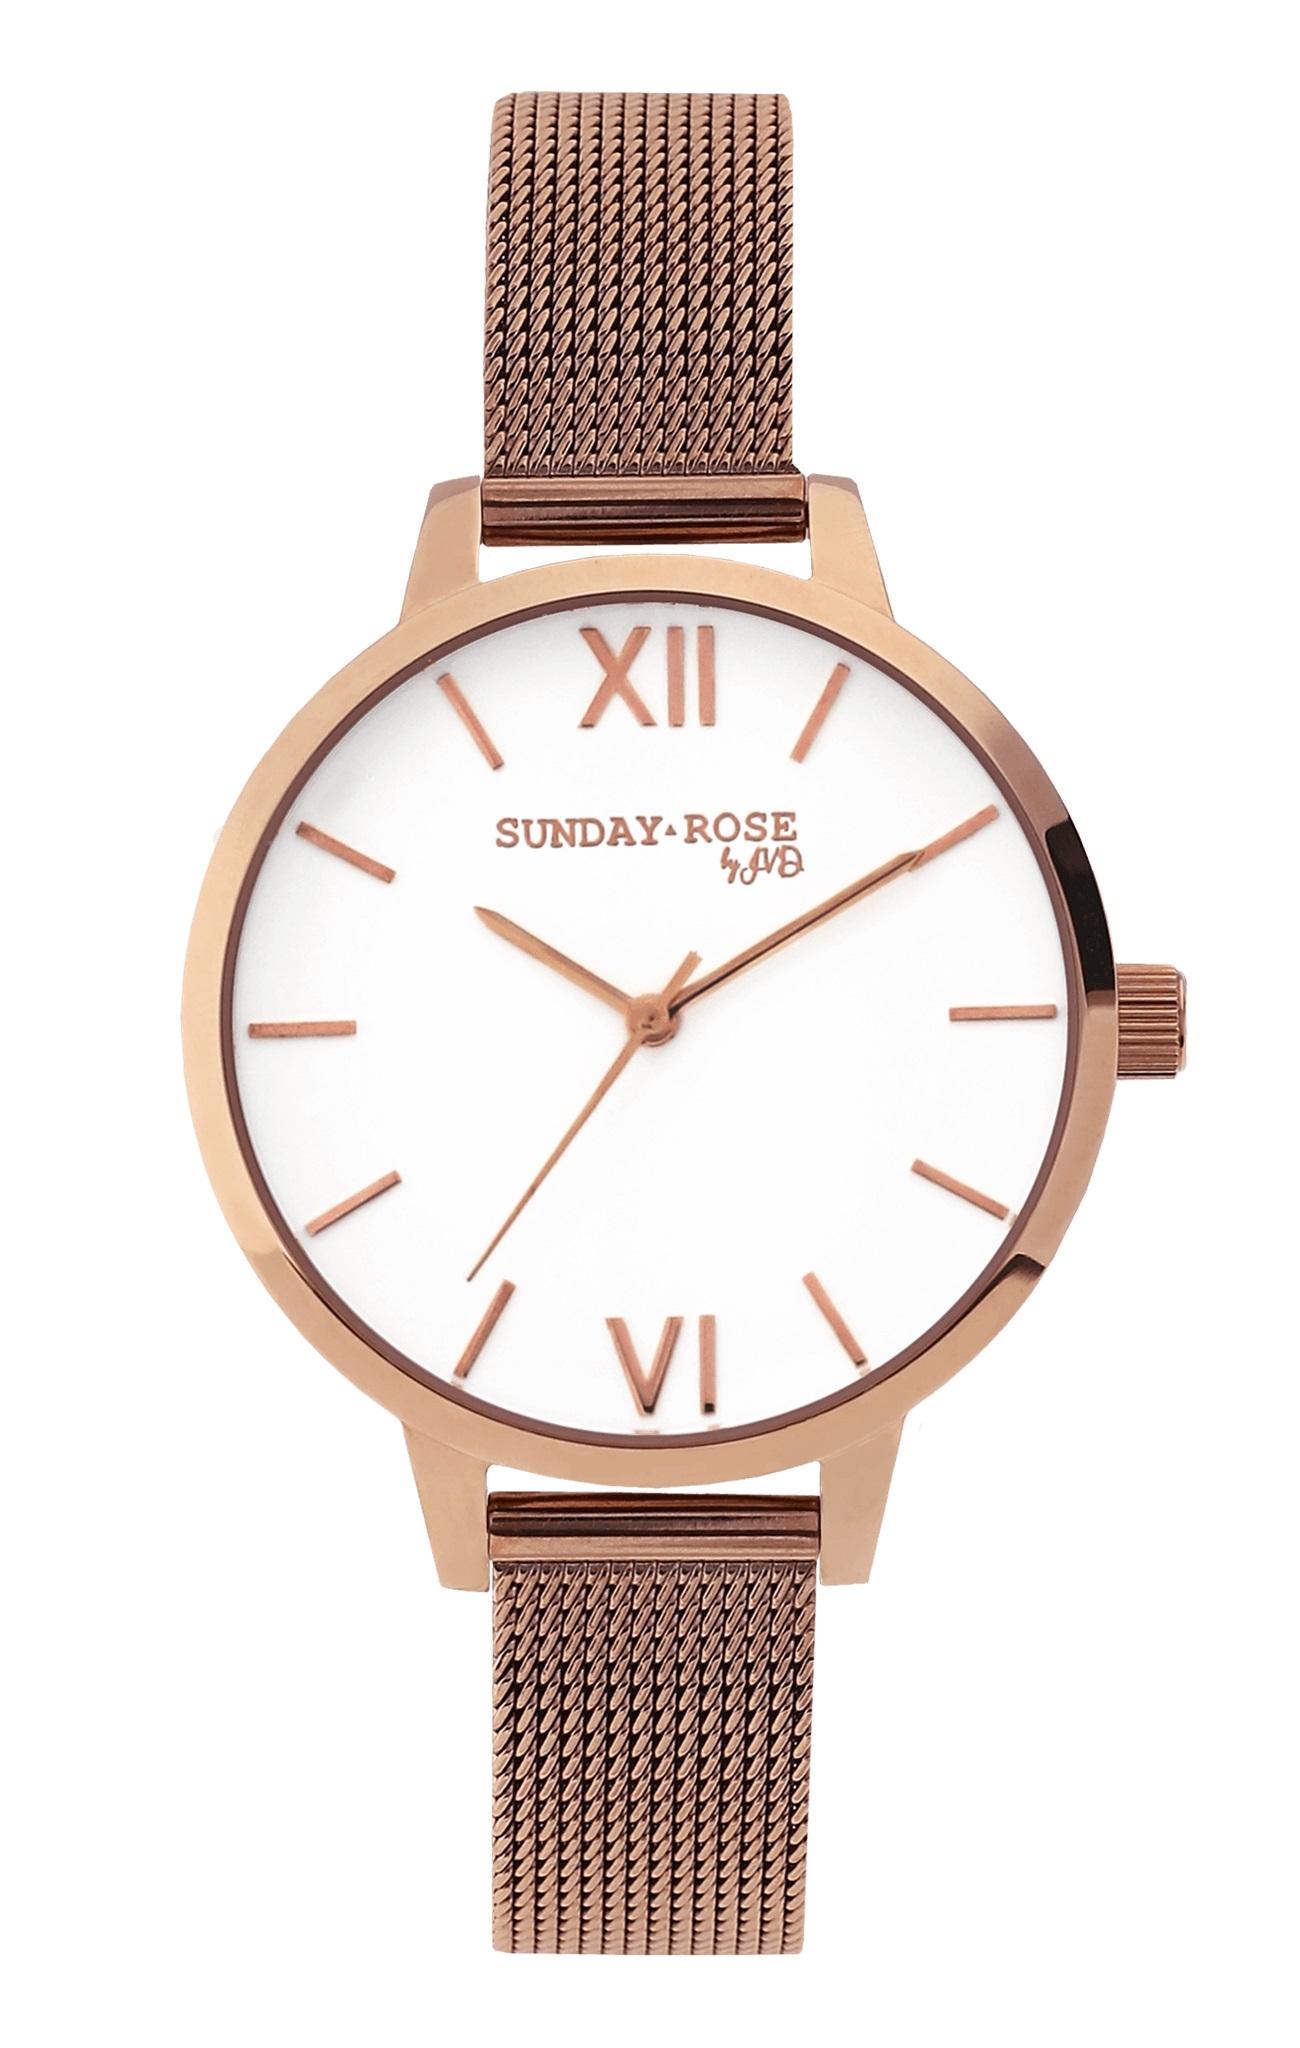 Dámské luxusní designové hodinky SUNDAY ROSE Fashion PINK ELEGANCE (POŠTOVNÉ ZDARMA!!)